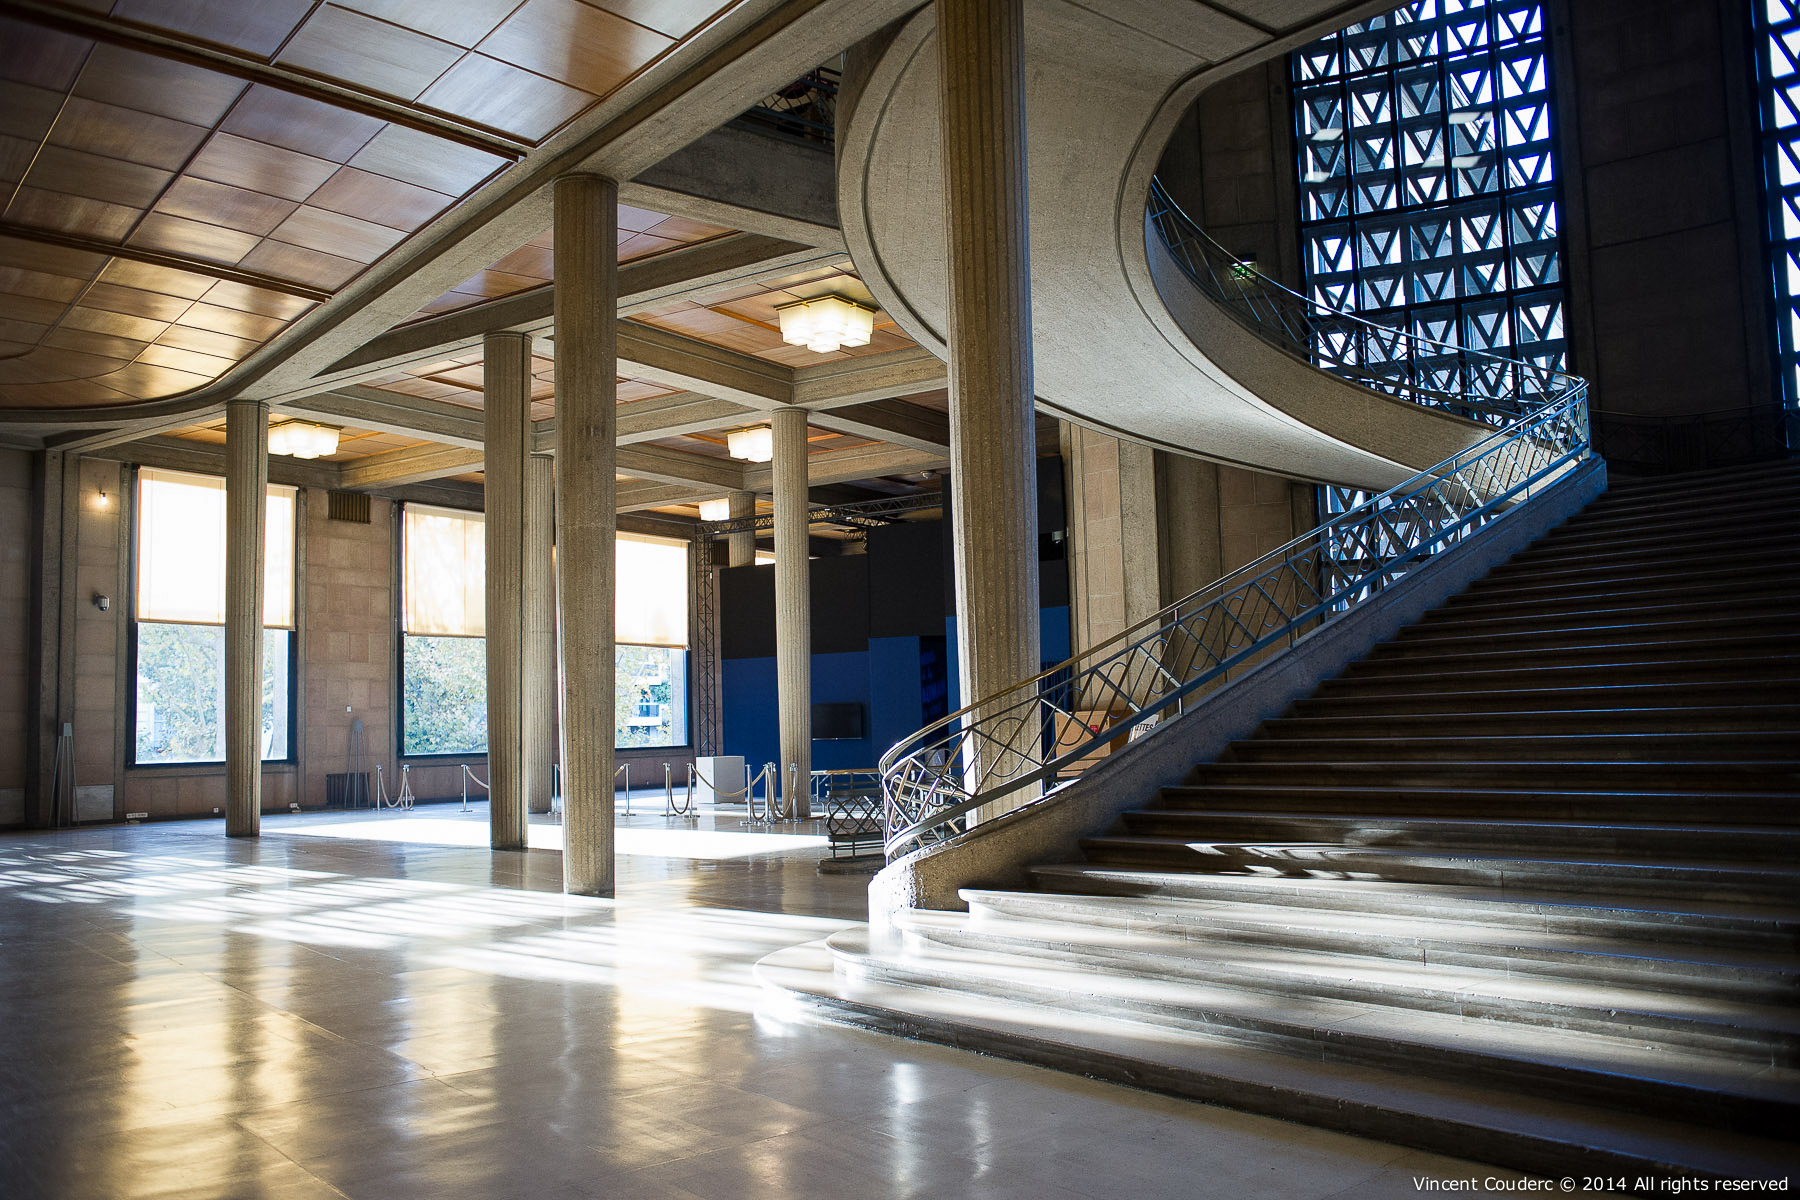 L'escalier d'Auguste Perret, 1939  Exposition sur le travail du photographe Henri Dauman Palais d'Iéna,Paris, 2014.   www.manhattan-darkroom.com